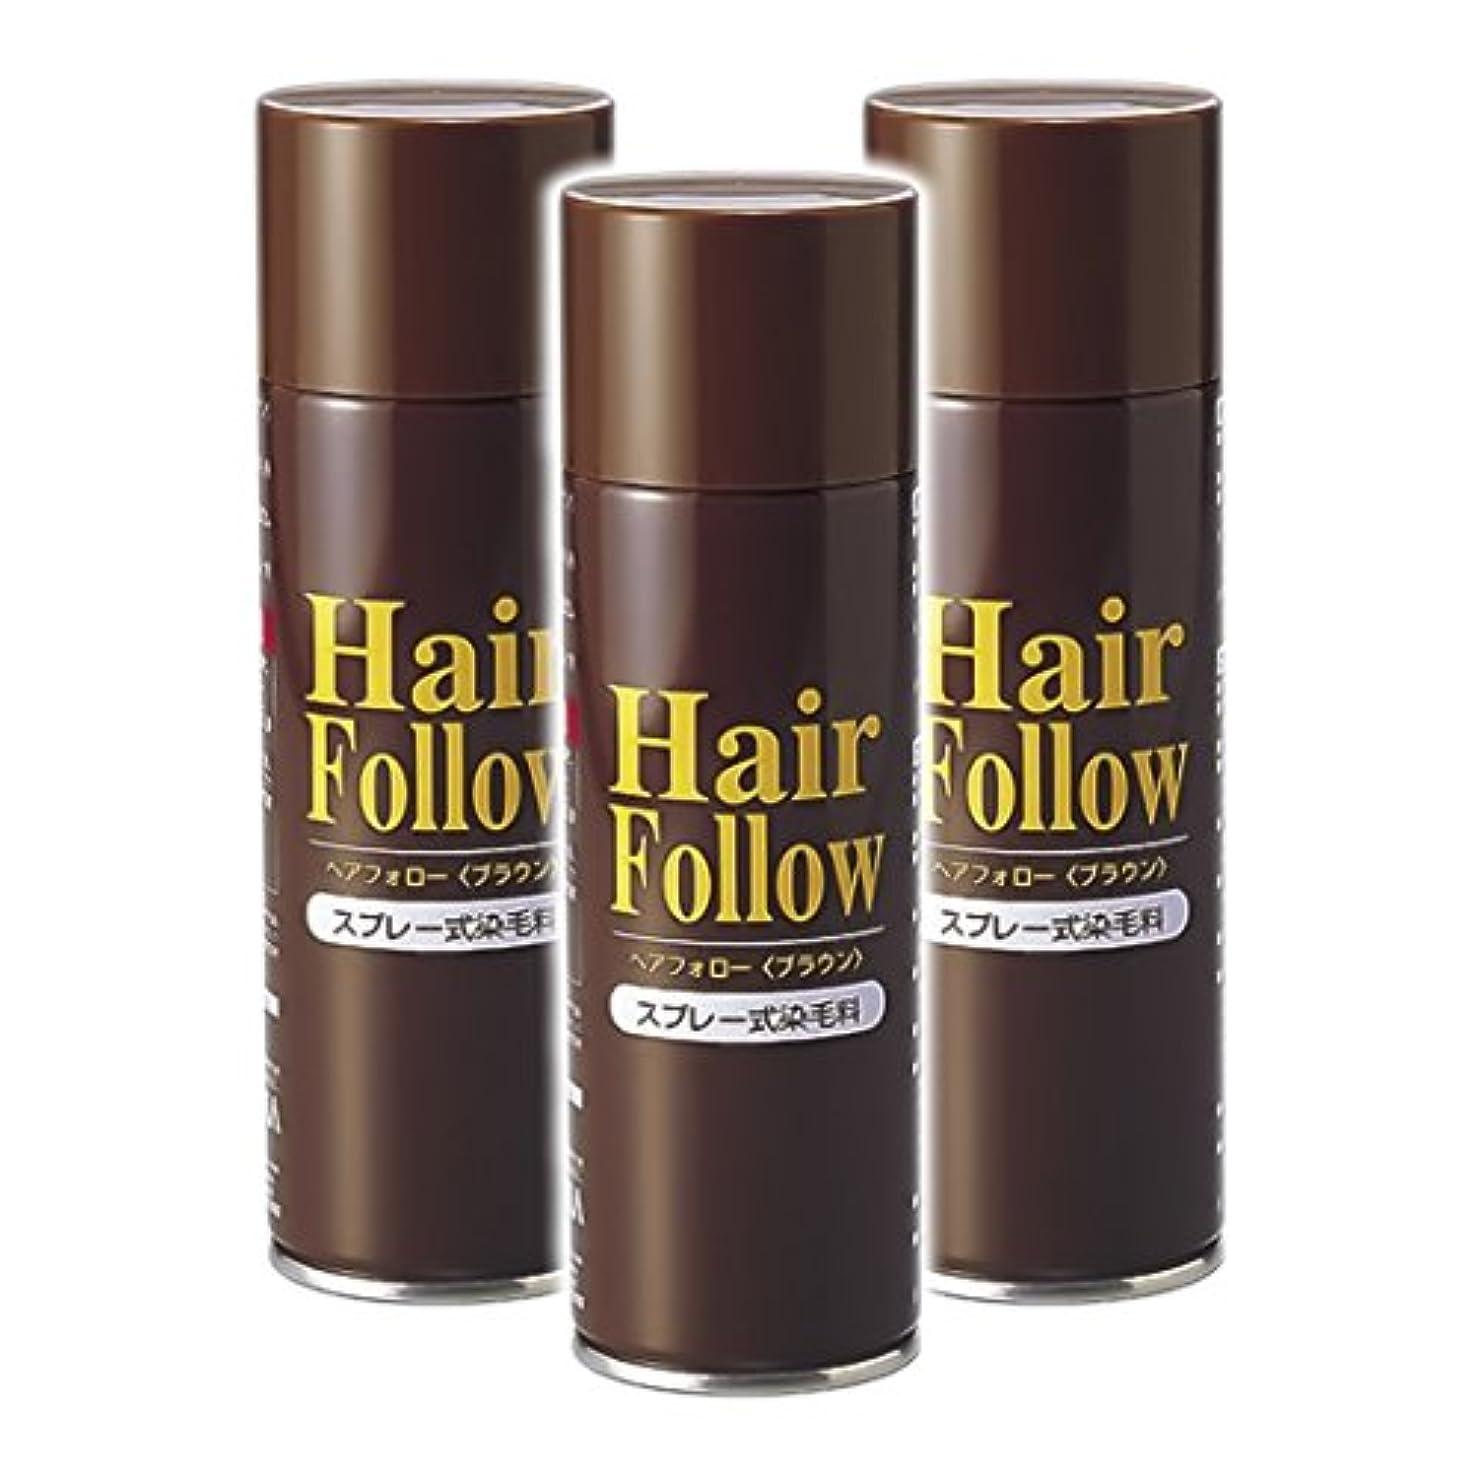 同化電信有料薄毛スプレー 3本セット ヘアフォロー HairFollow ブラウン 150g